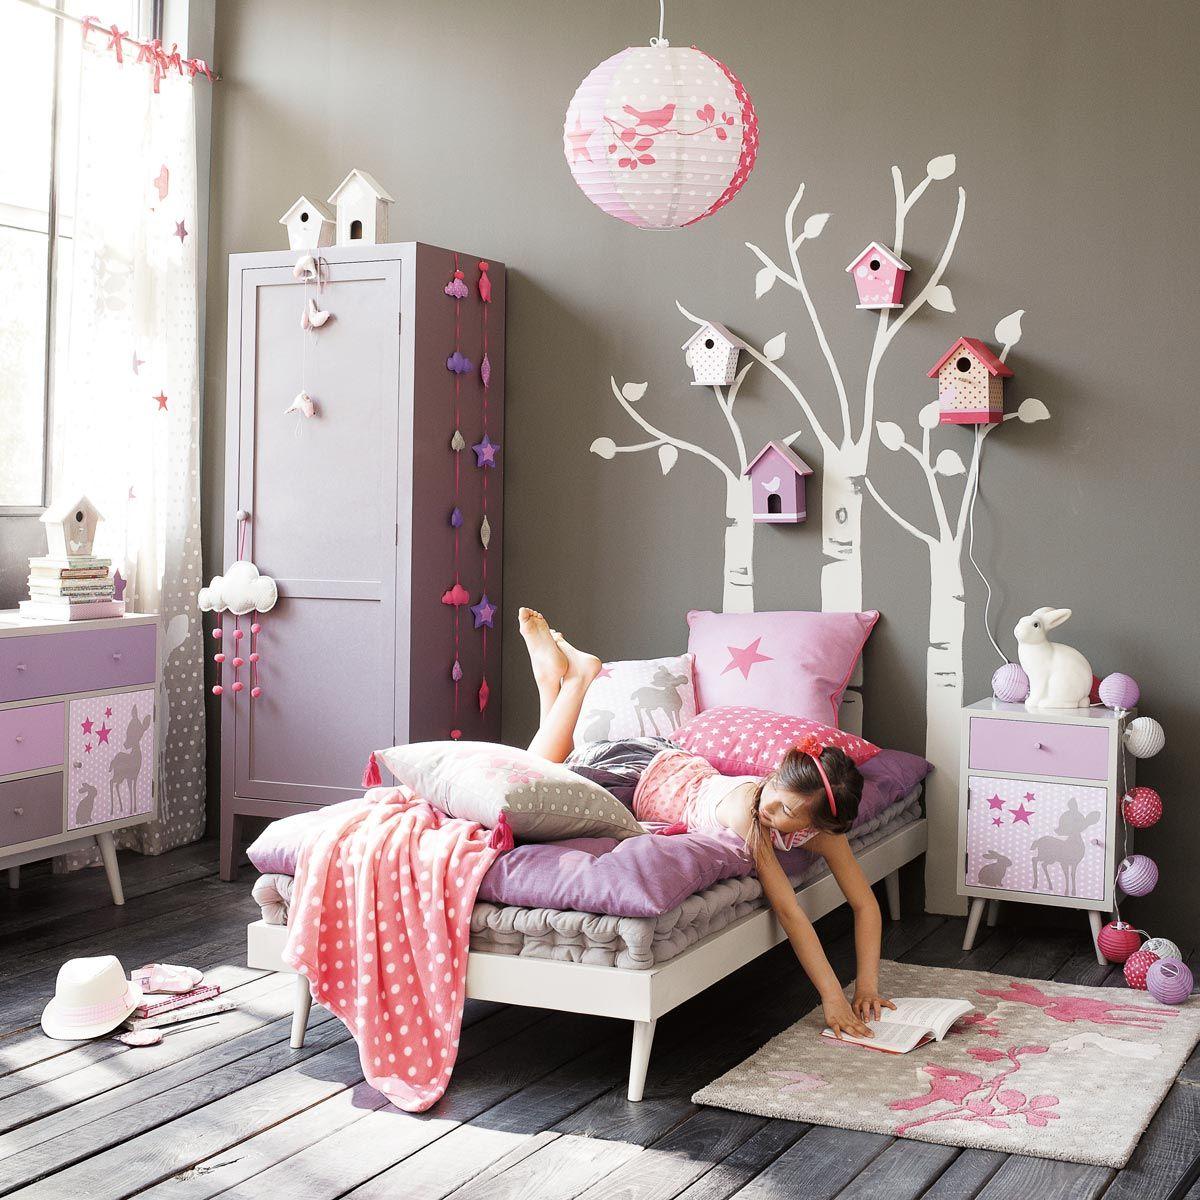 maisons du du monde d enfants dco filles petits enfants chambre bb chambre petite chambre nature chambre fillette - Chambre Vintage Petite Fille